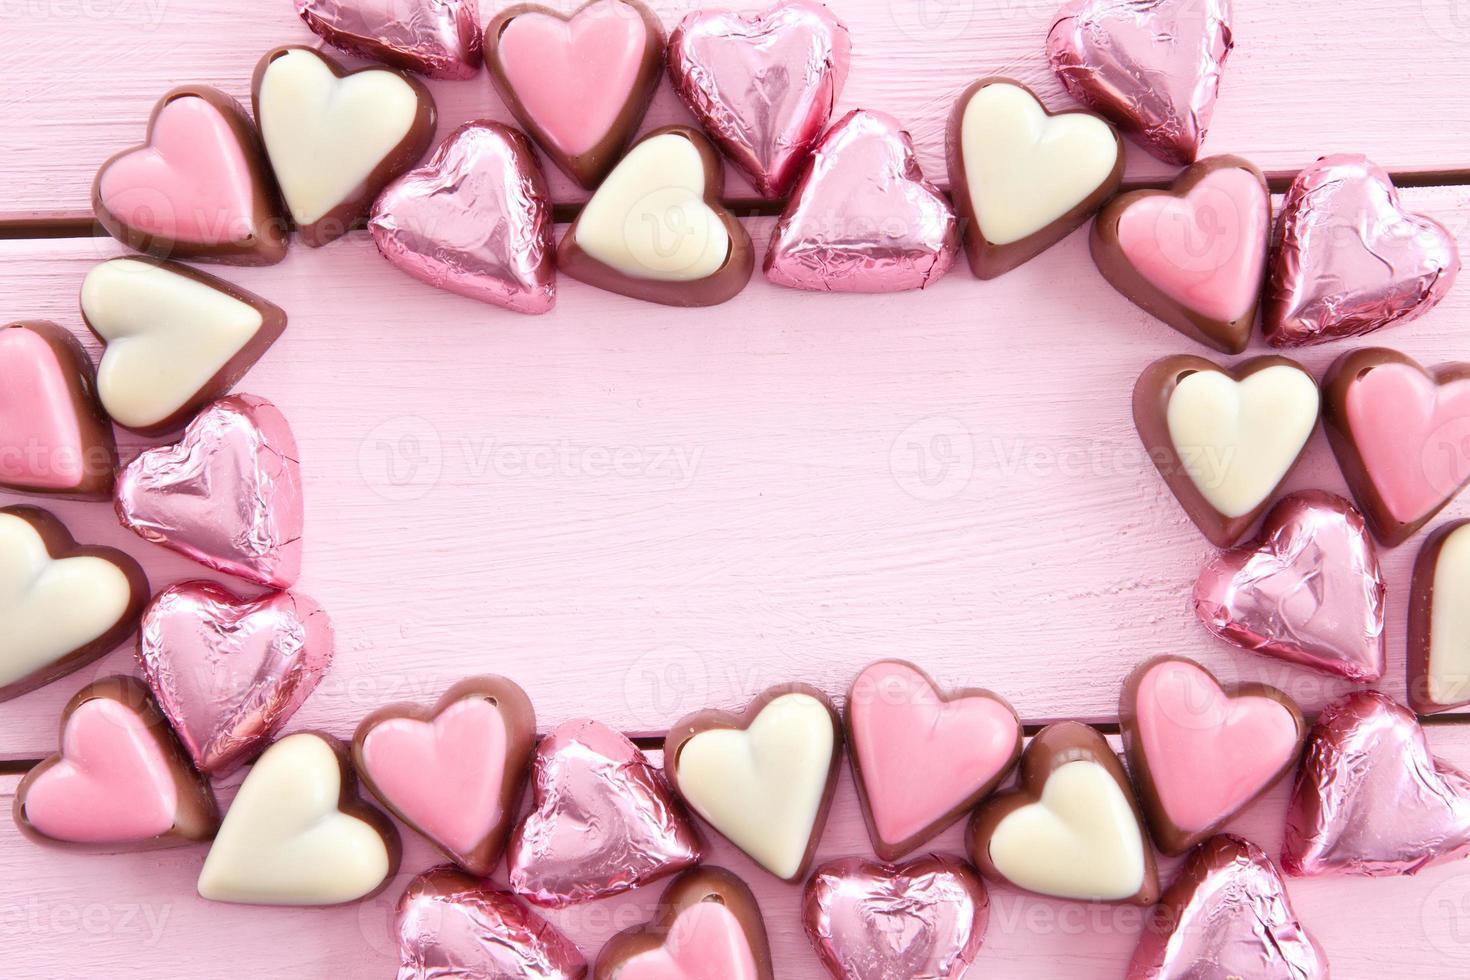 bunte Pralinen in Herzform foto